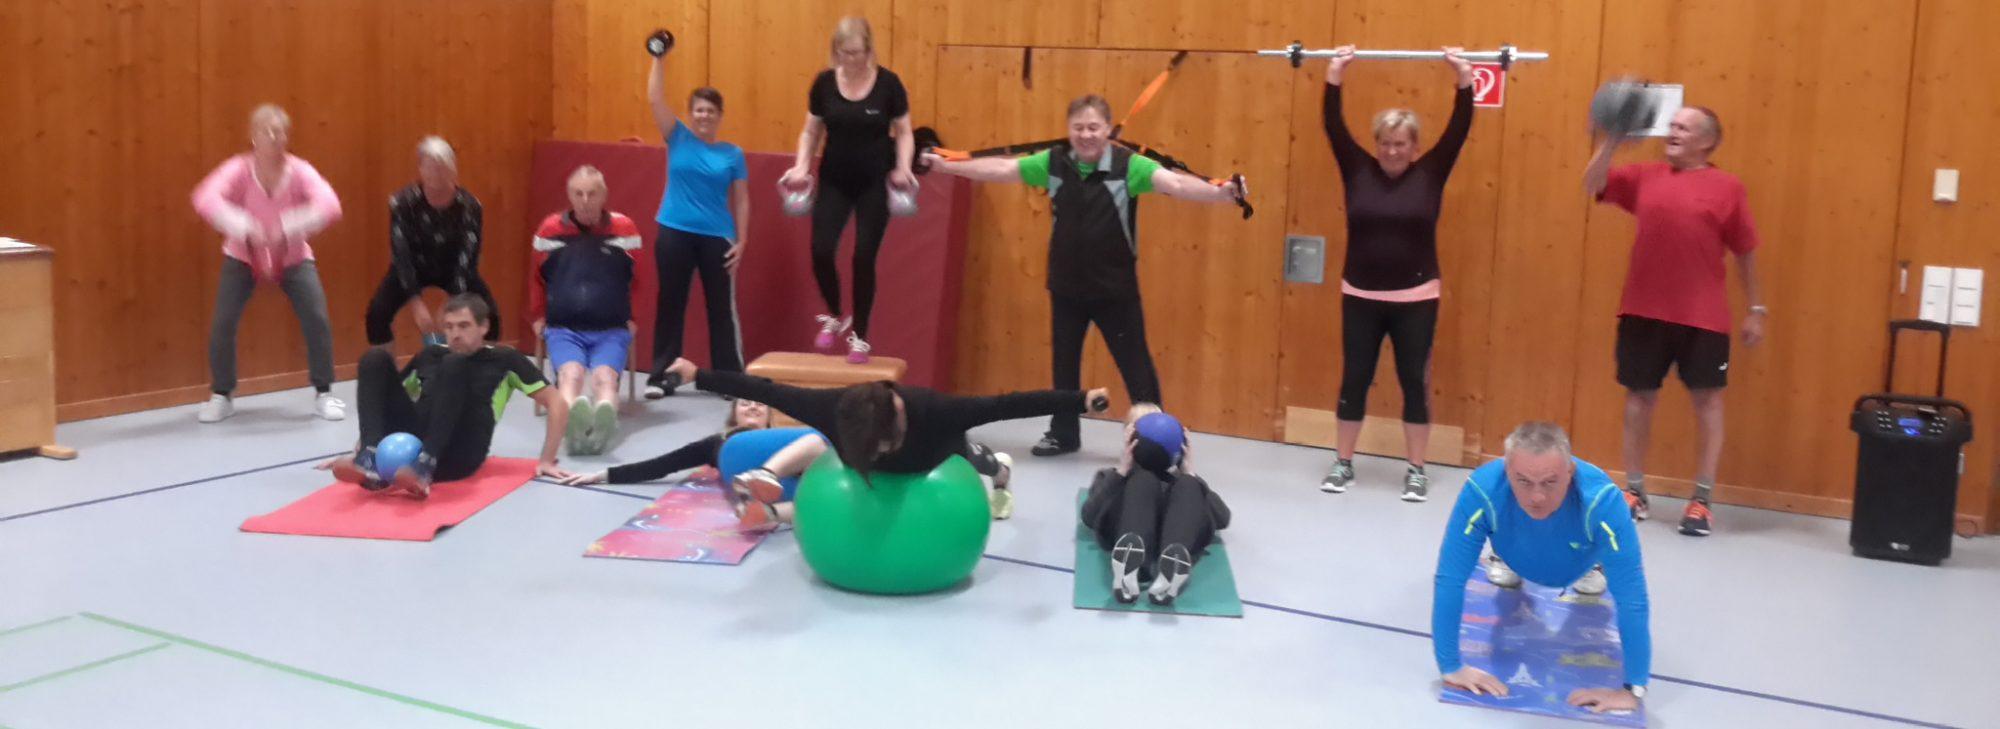 Entspannung, Fitness, Prävention und viel Spaß